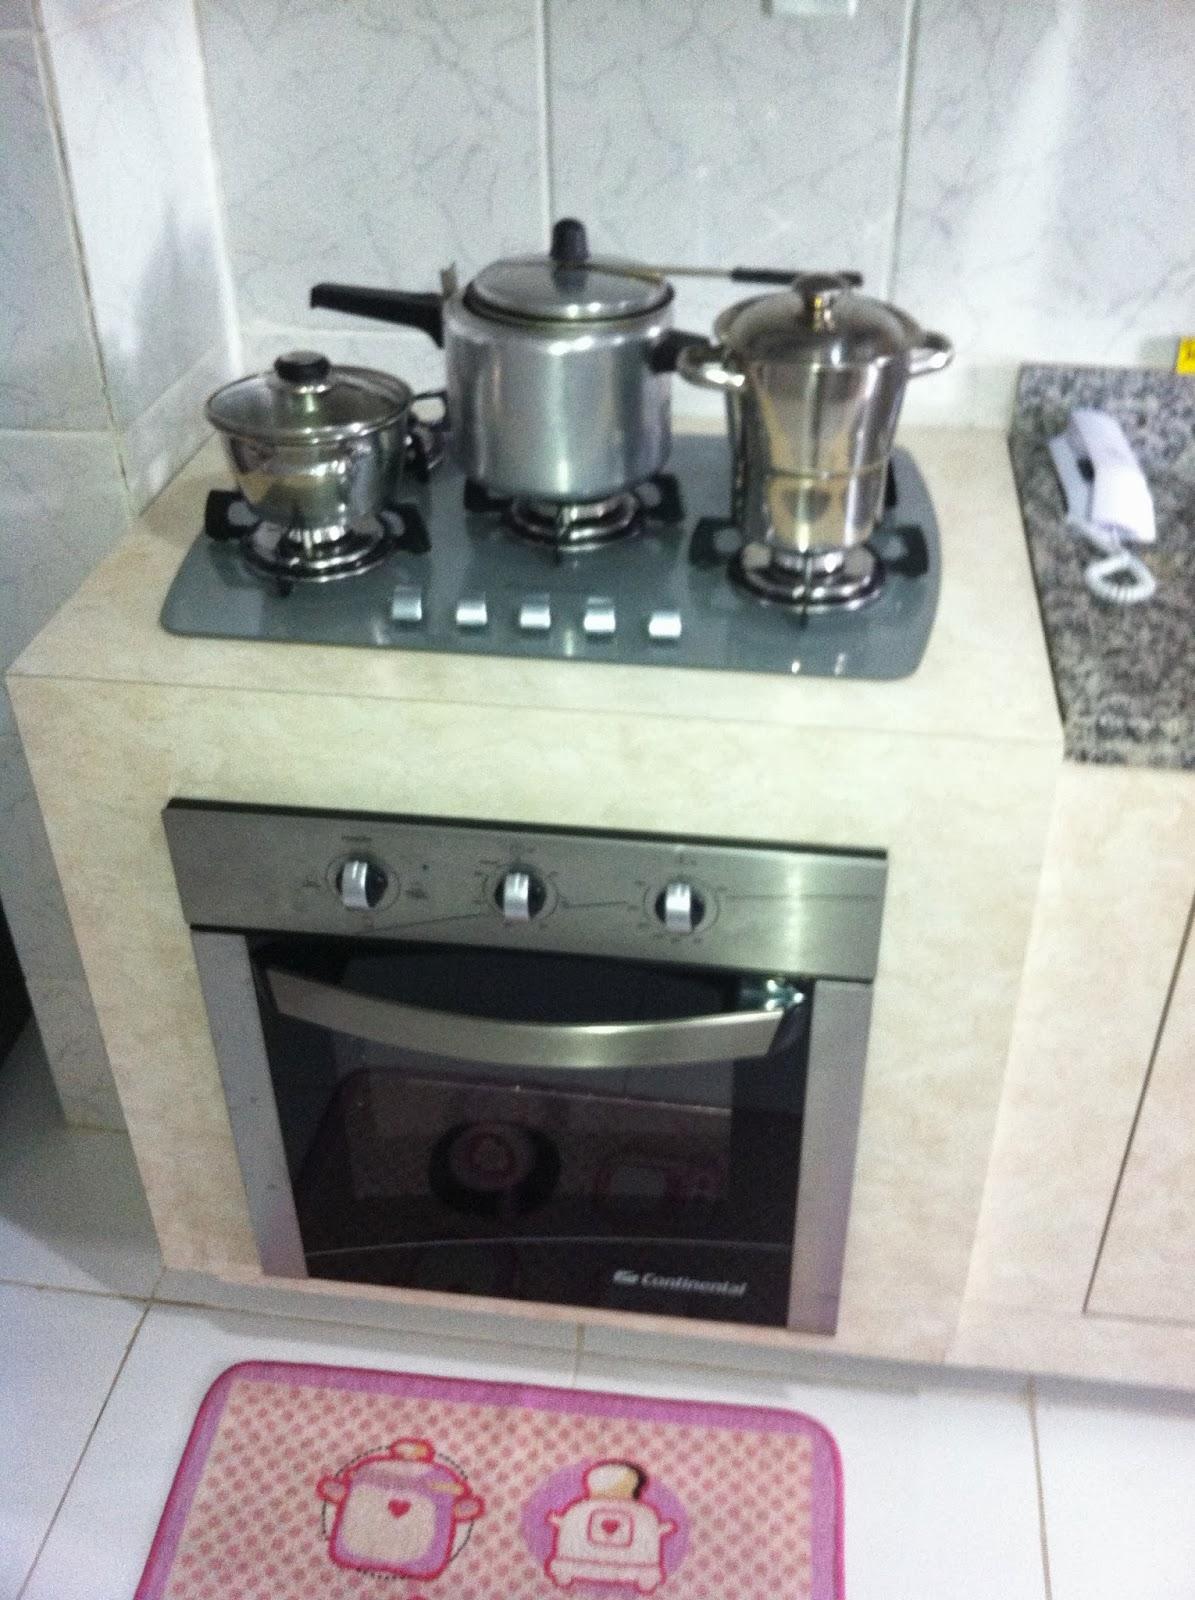 #814A67  81)988331092 E mail: via.artferro@gmail.com: PROJETO COZINHA PLANEJADA 1195x1600 px Projetos Cozinha Cooktop #15 imagens